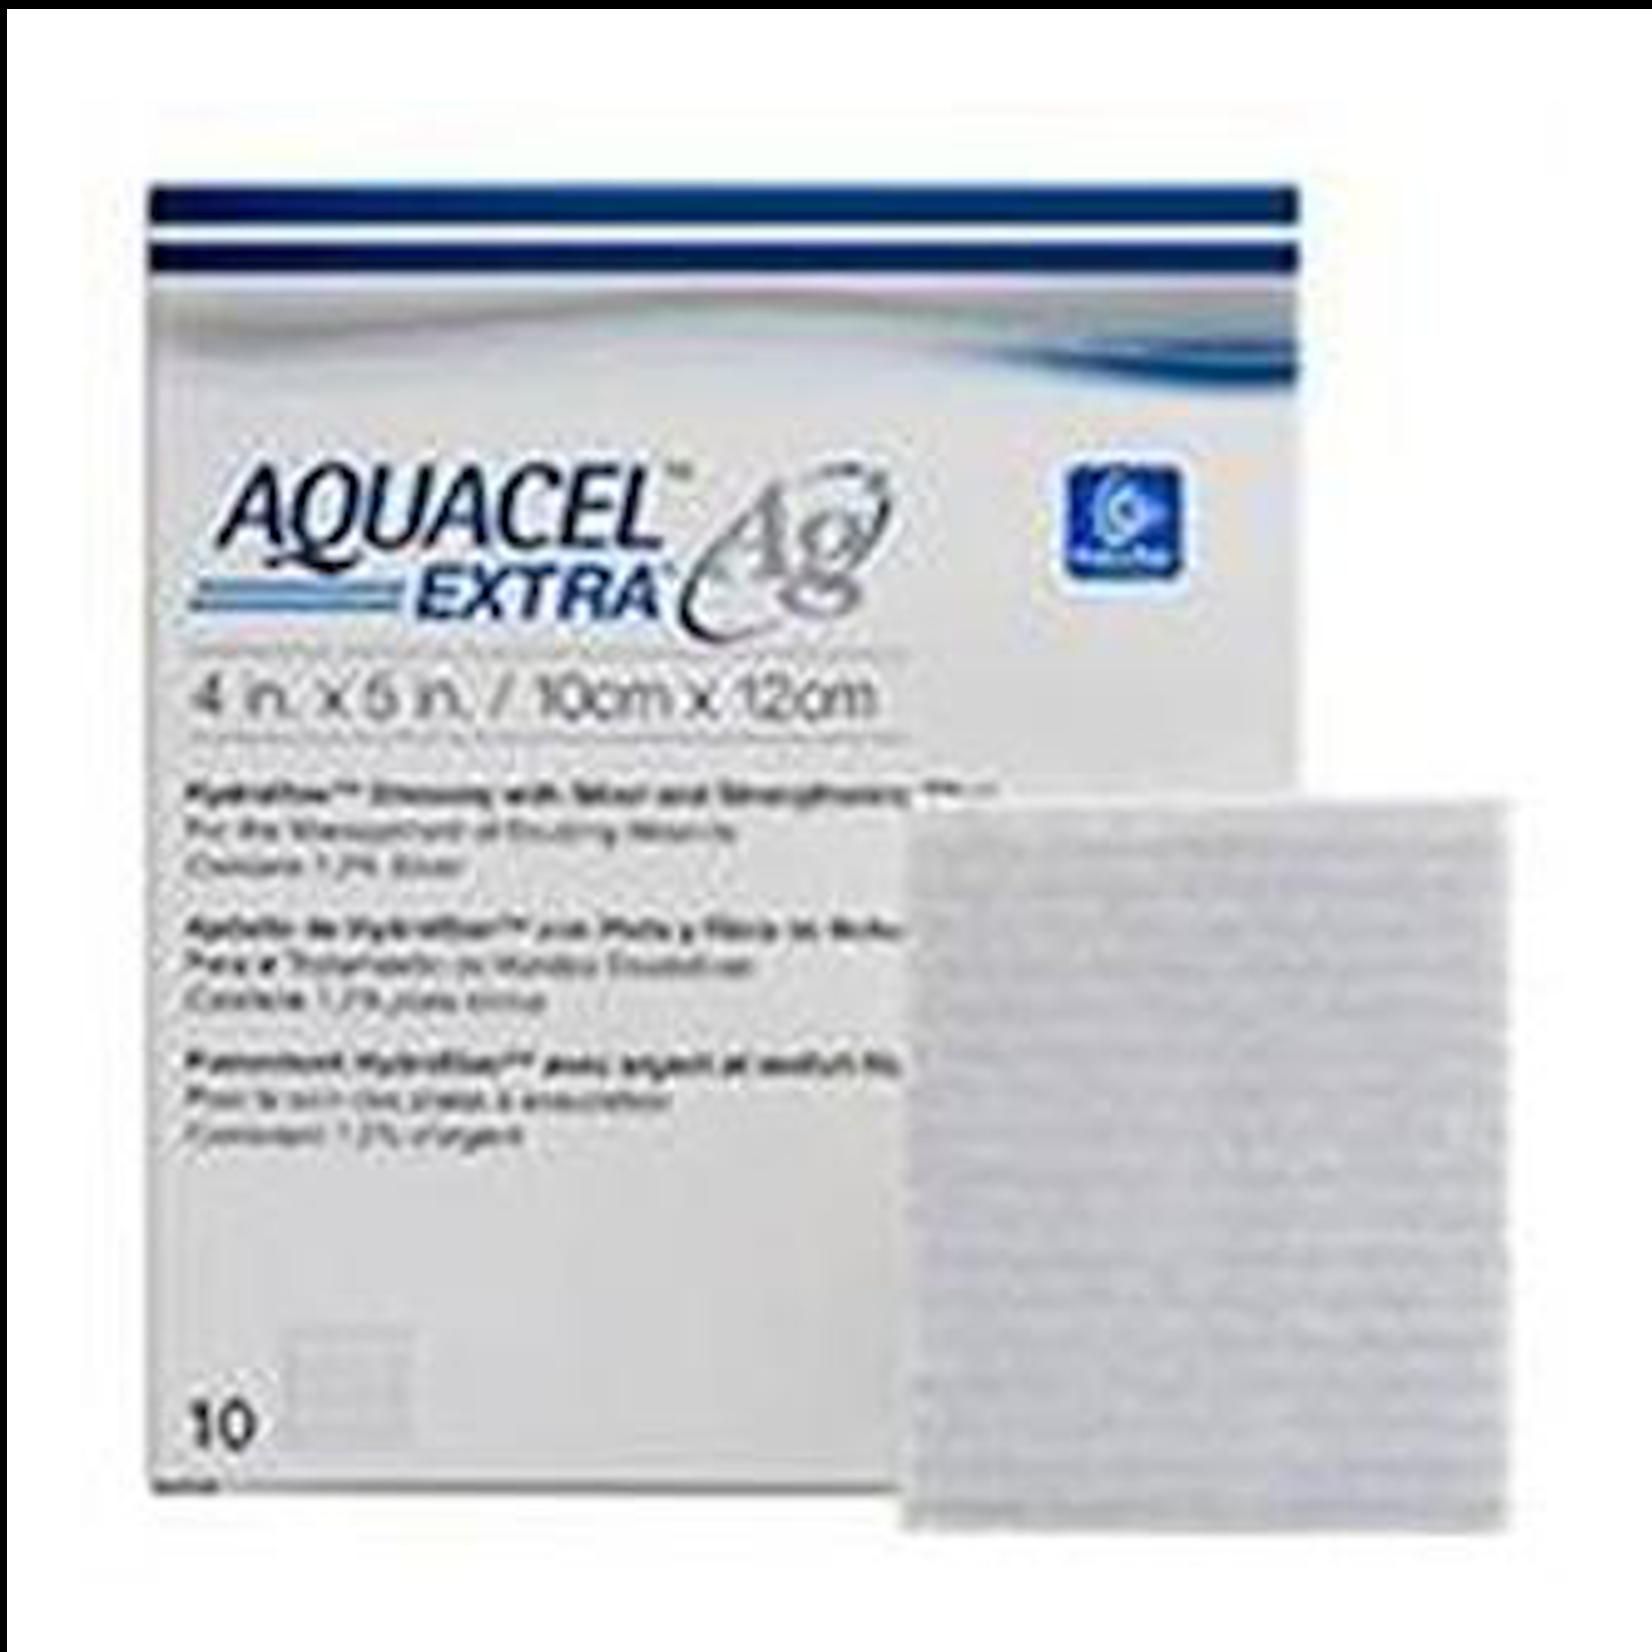 Aquacel Extra 4x5 each